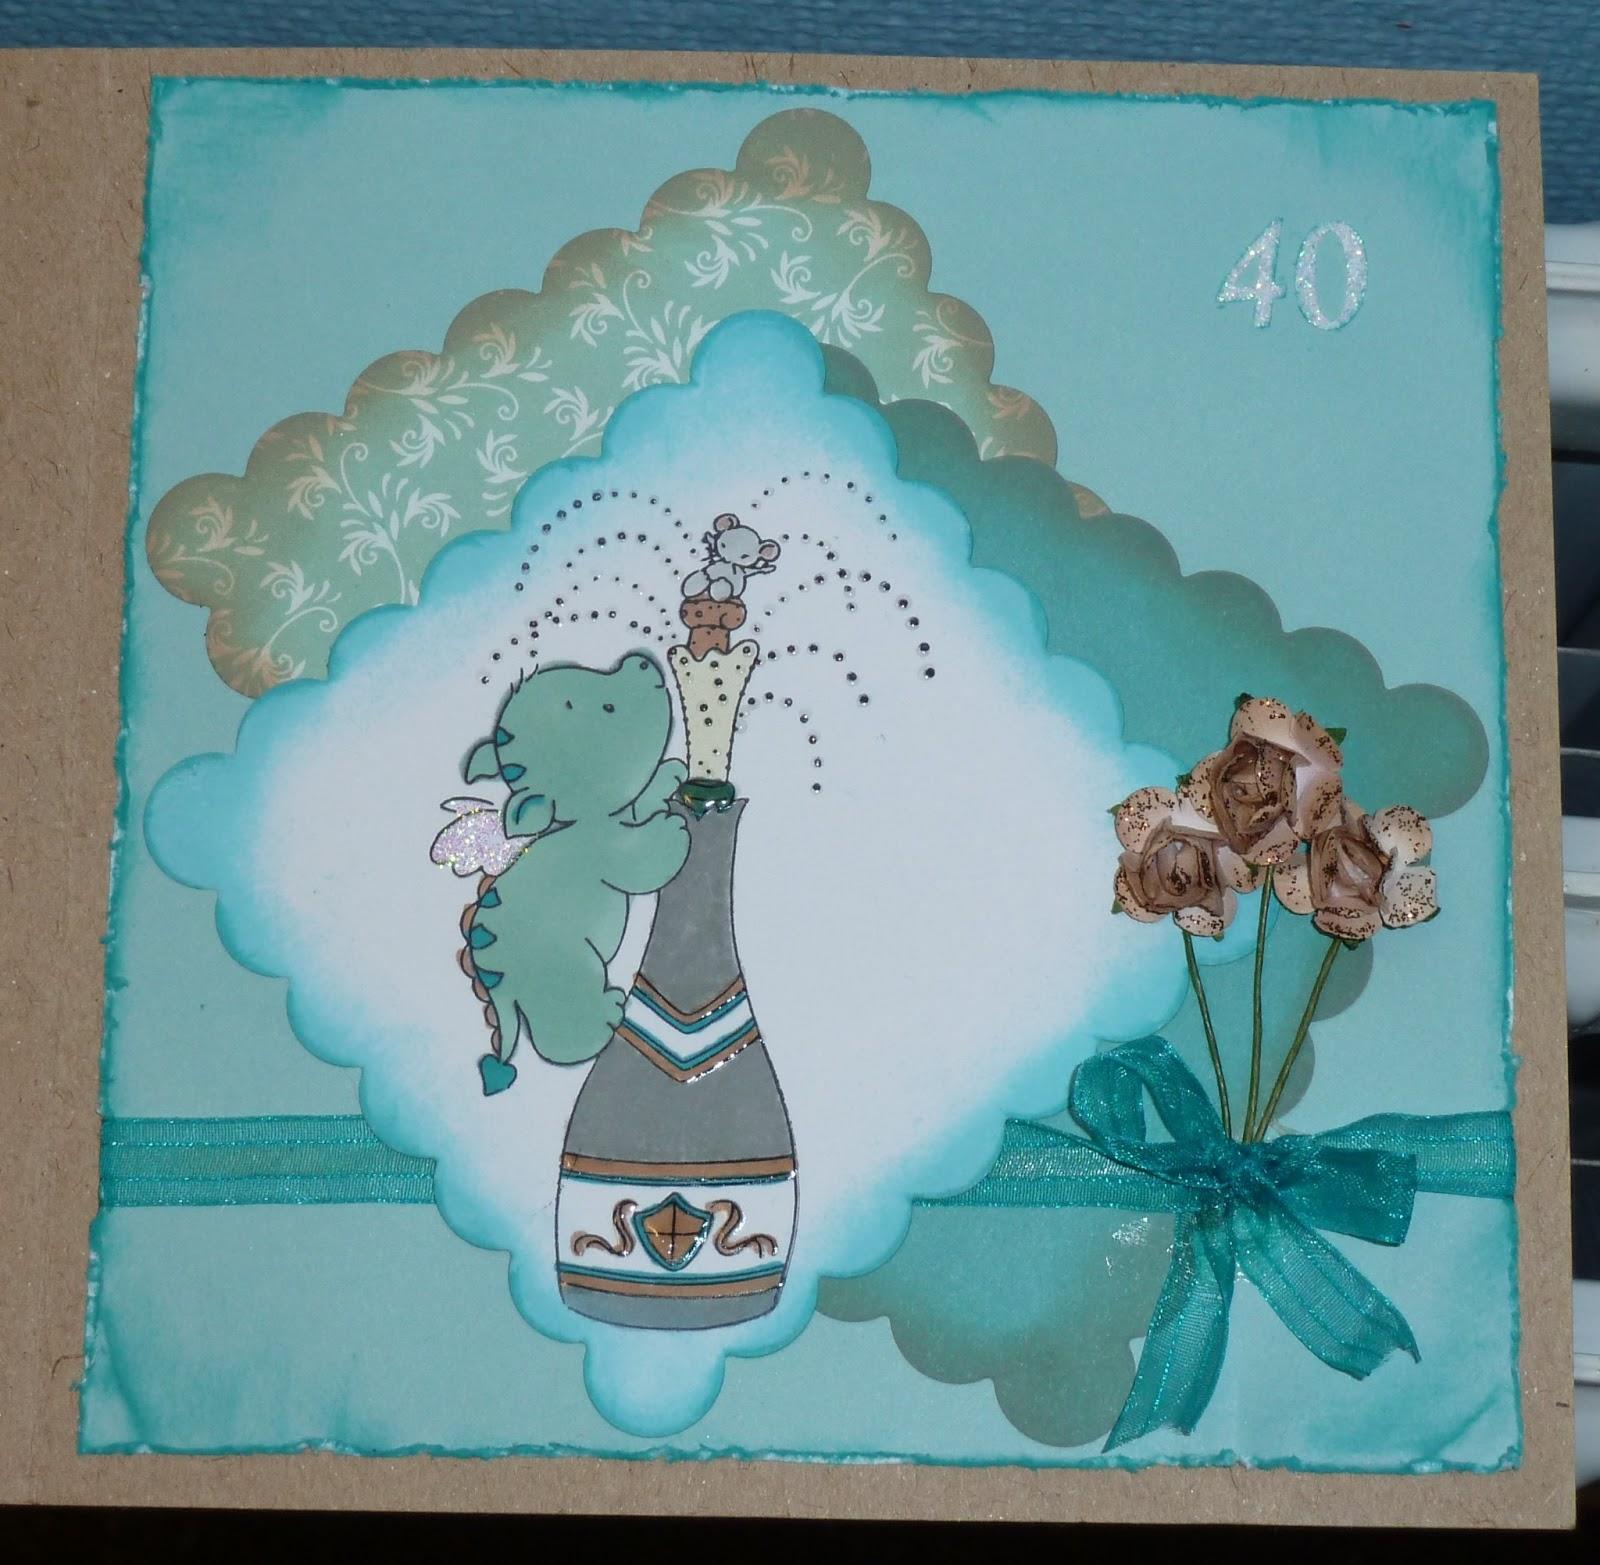 födelsedagskort 40 prinsessanadara: Födelsedagskort till en 40 åring! födelsedagskort 40